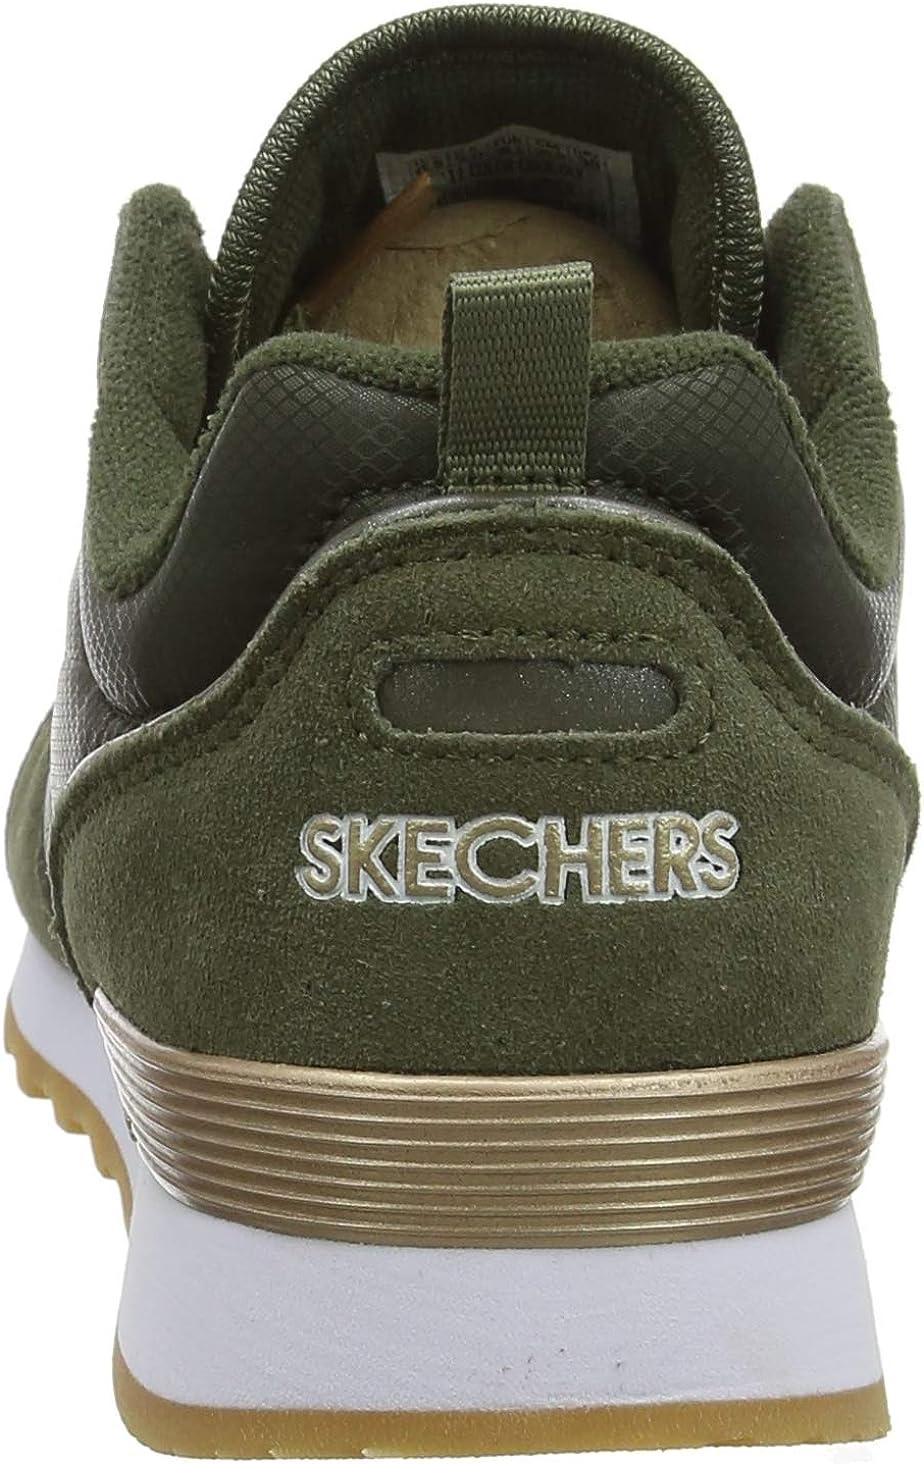 Skechers Retros OG 85 goldn Gurl, Baskets Mixte Adulte